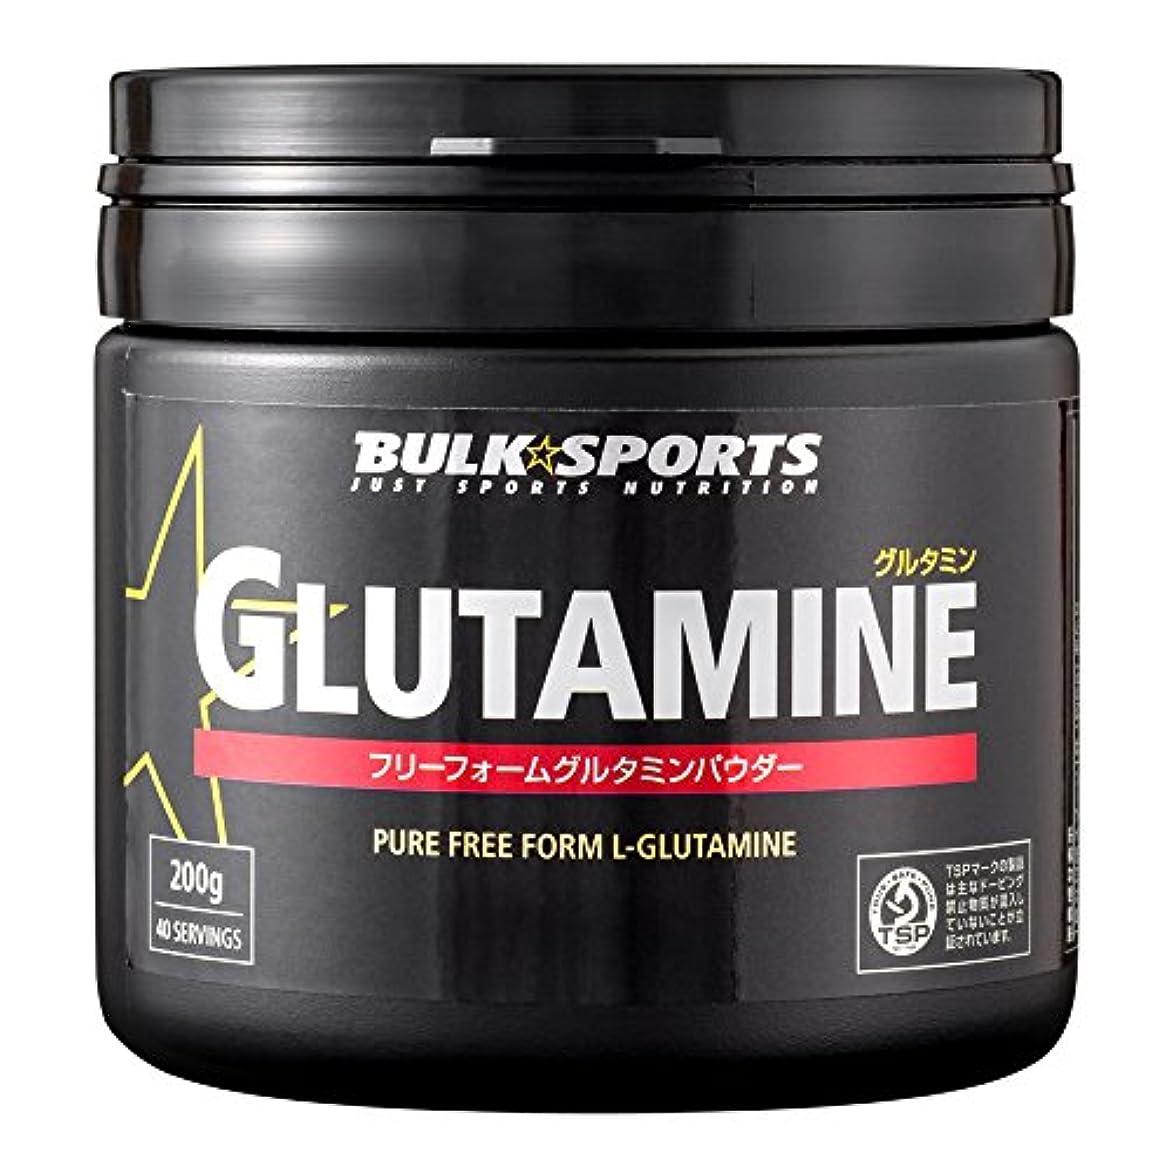 世界的に血の量バルクスポーツ アミノ酸 グルタミン 200g